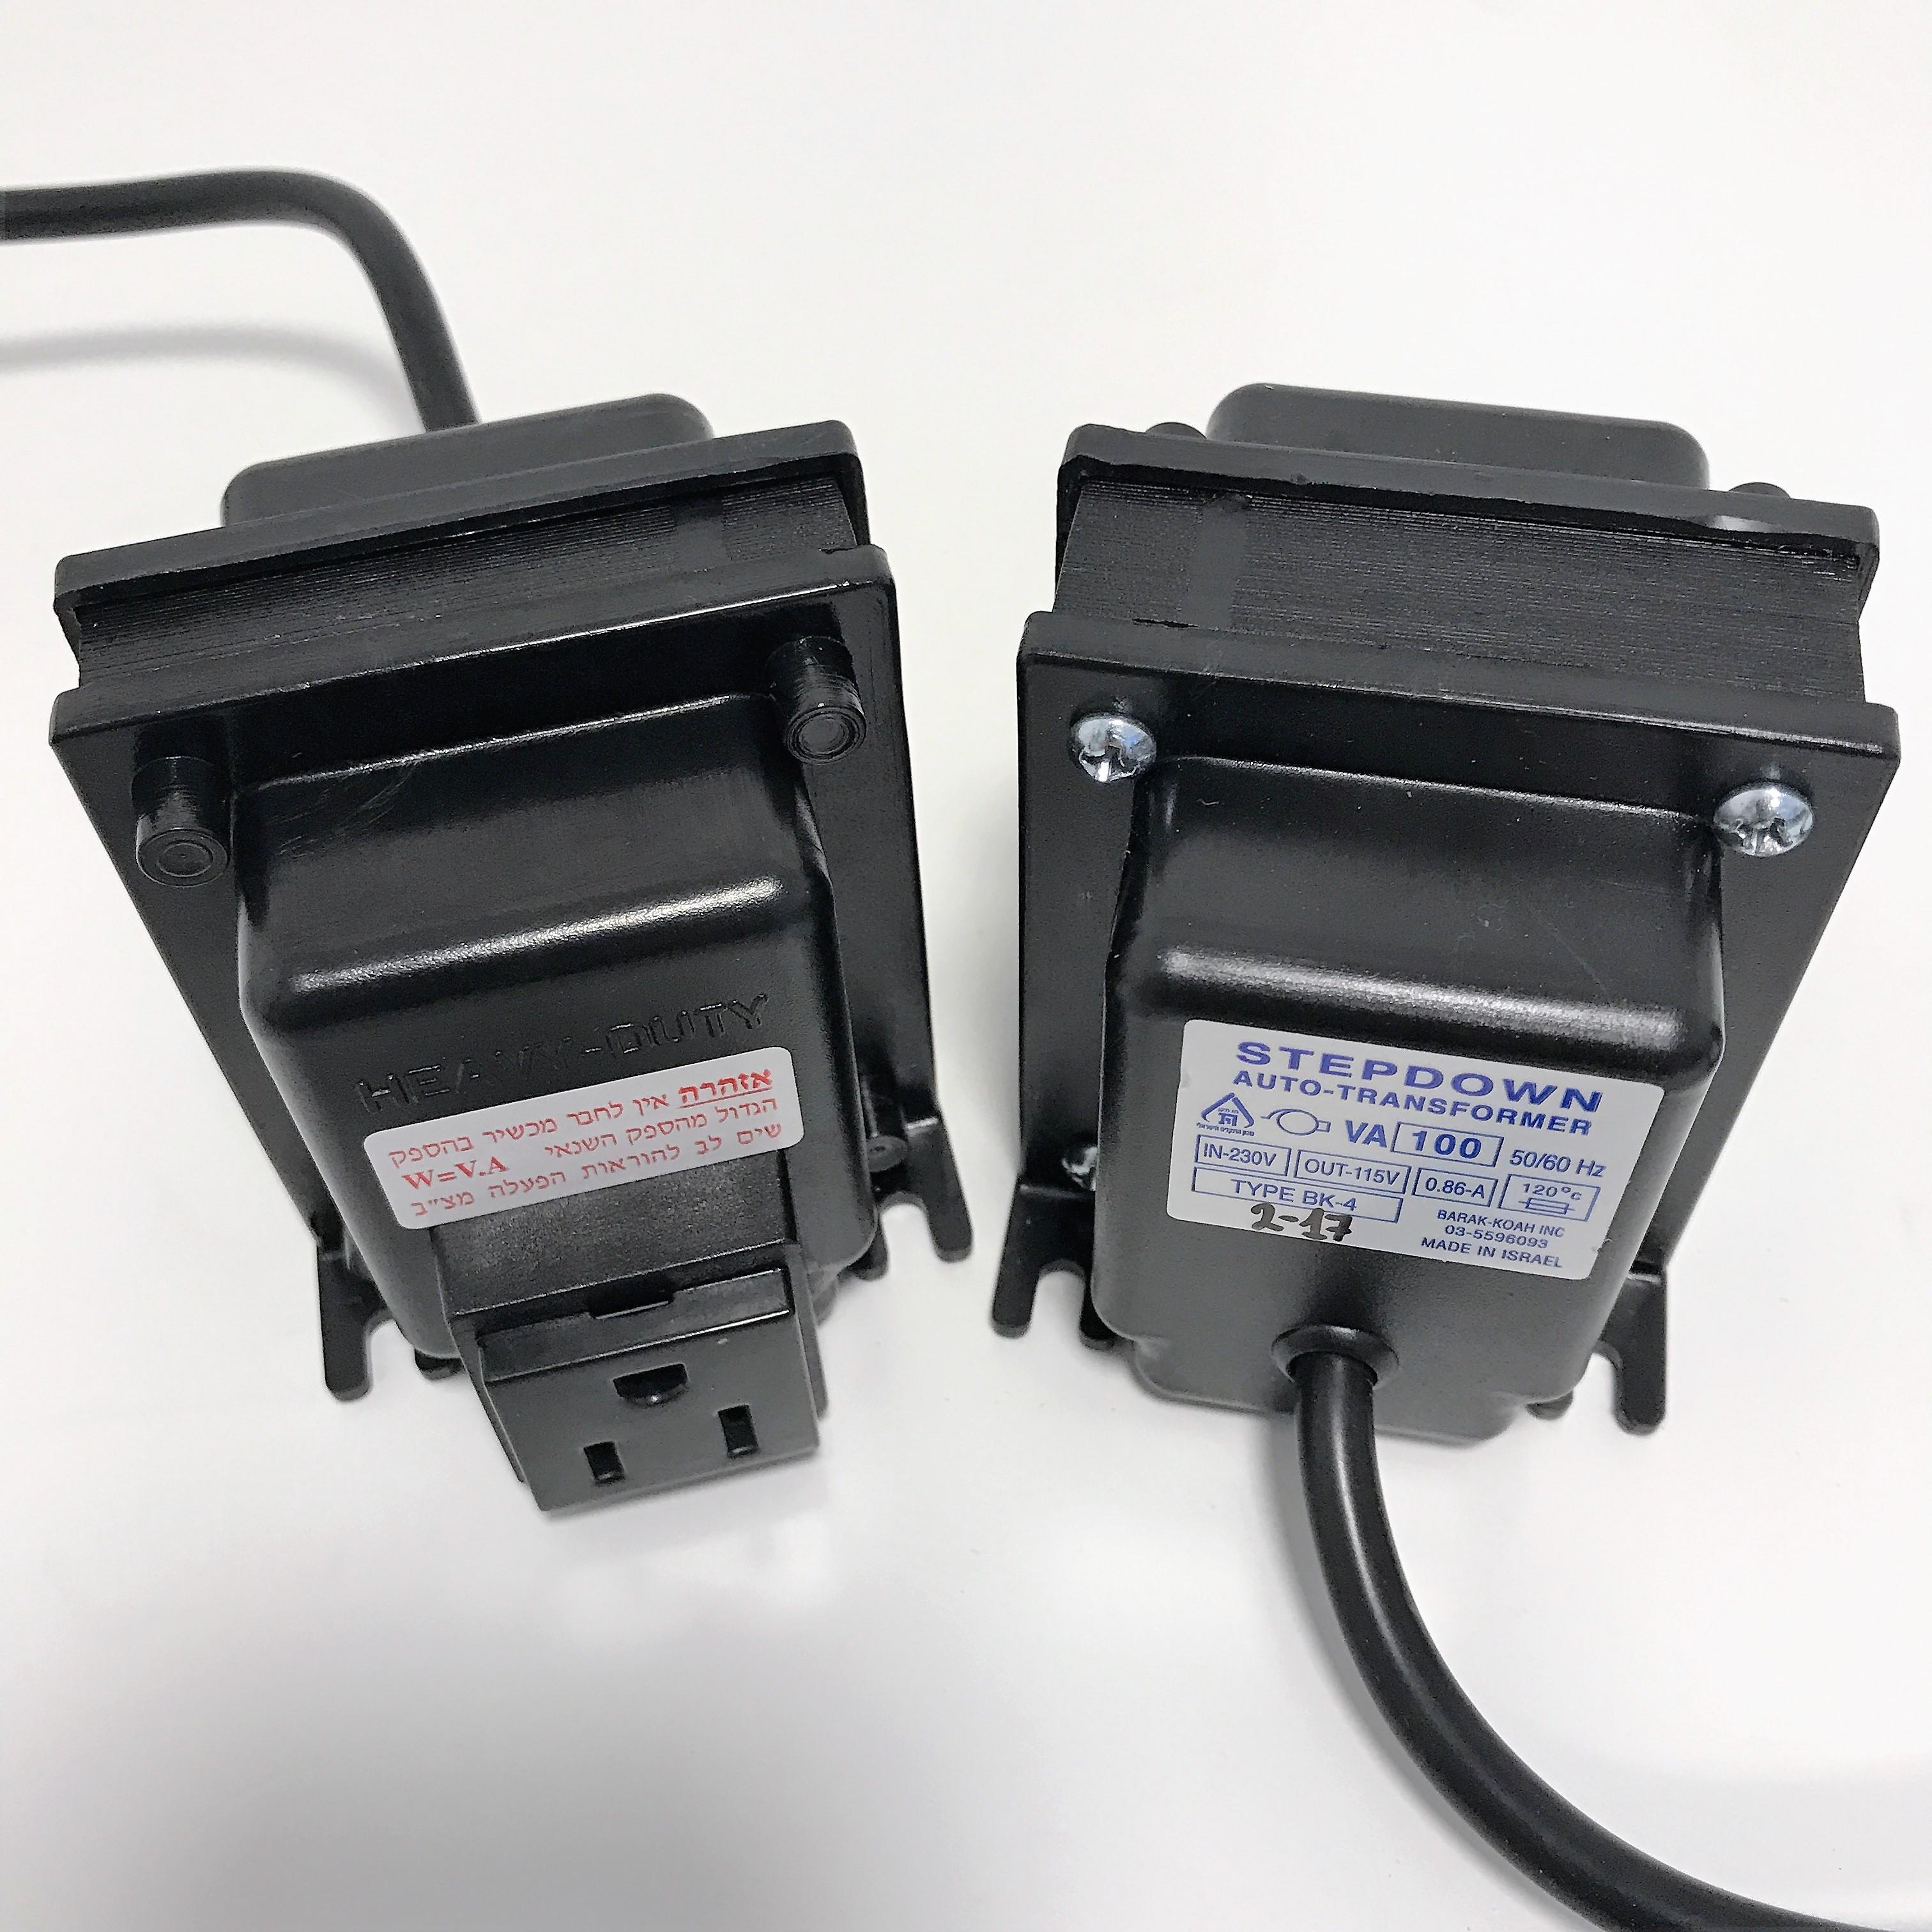 שנאי אוטוטרפו בהספק 1000VA (למכשיר אמריקאי 115V)